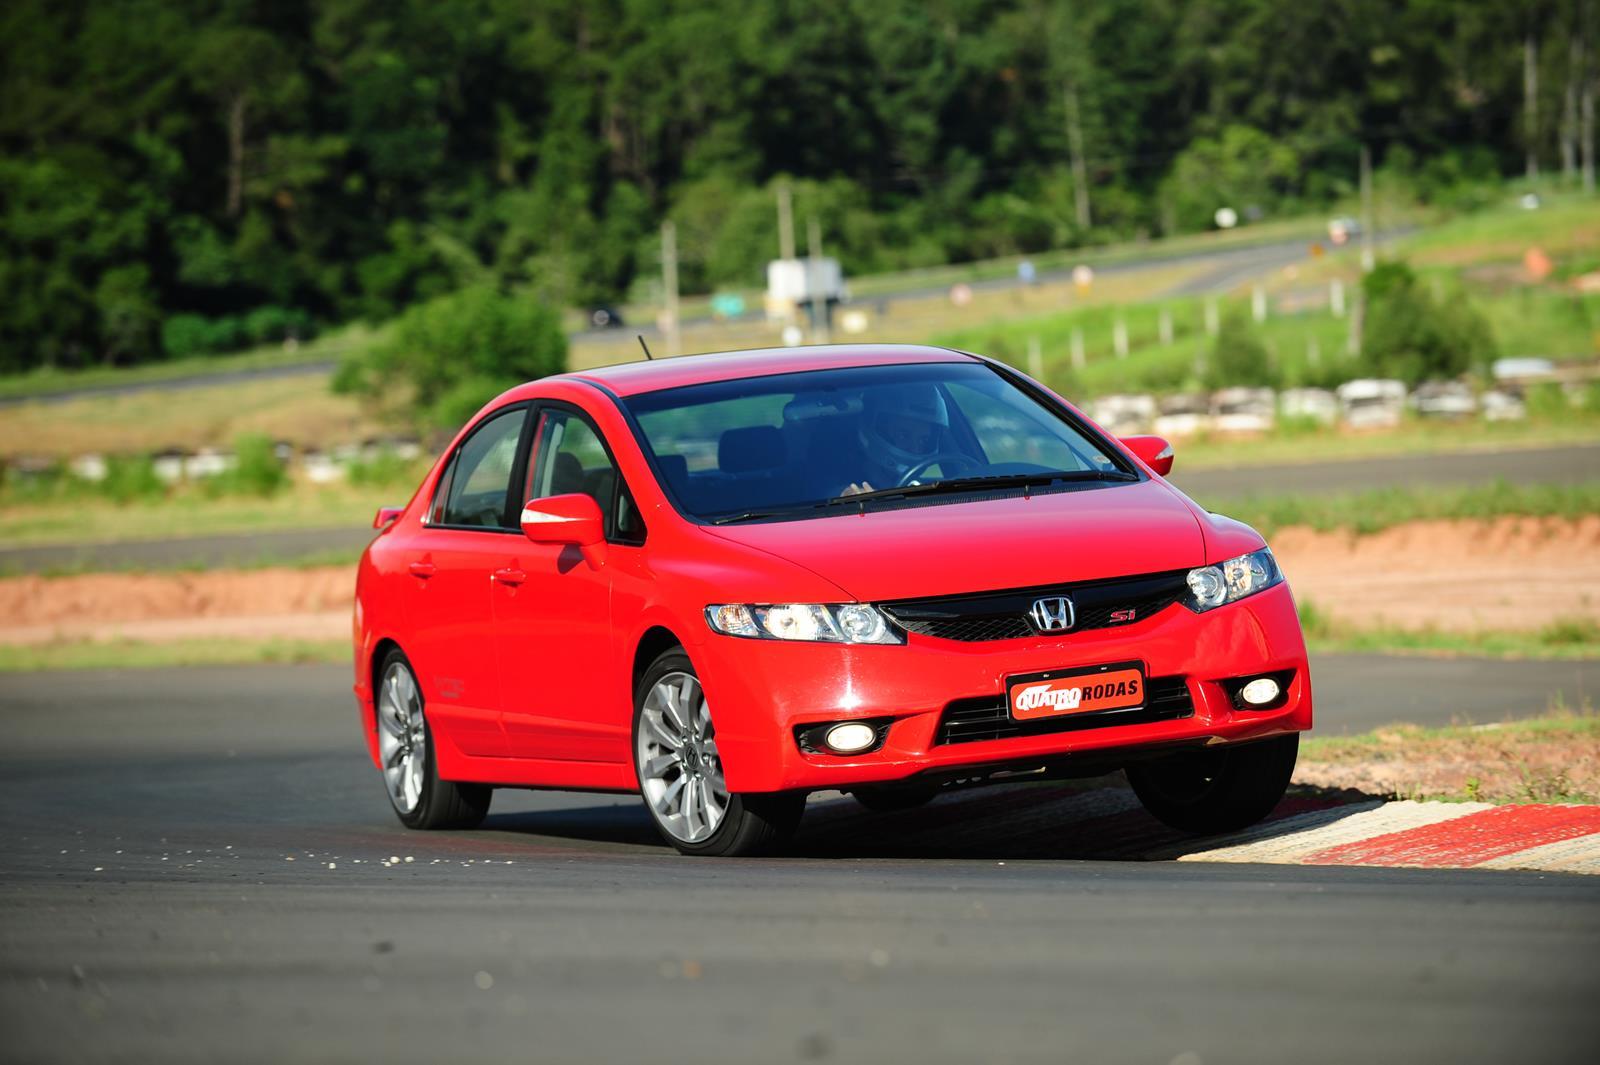 Civic SI modelo 2011 da Honda, durante teste comparativo da revista Quatro Rodas_1